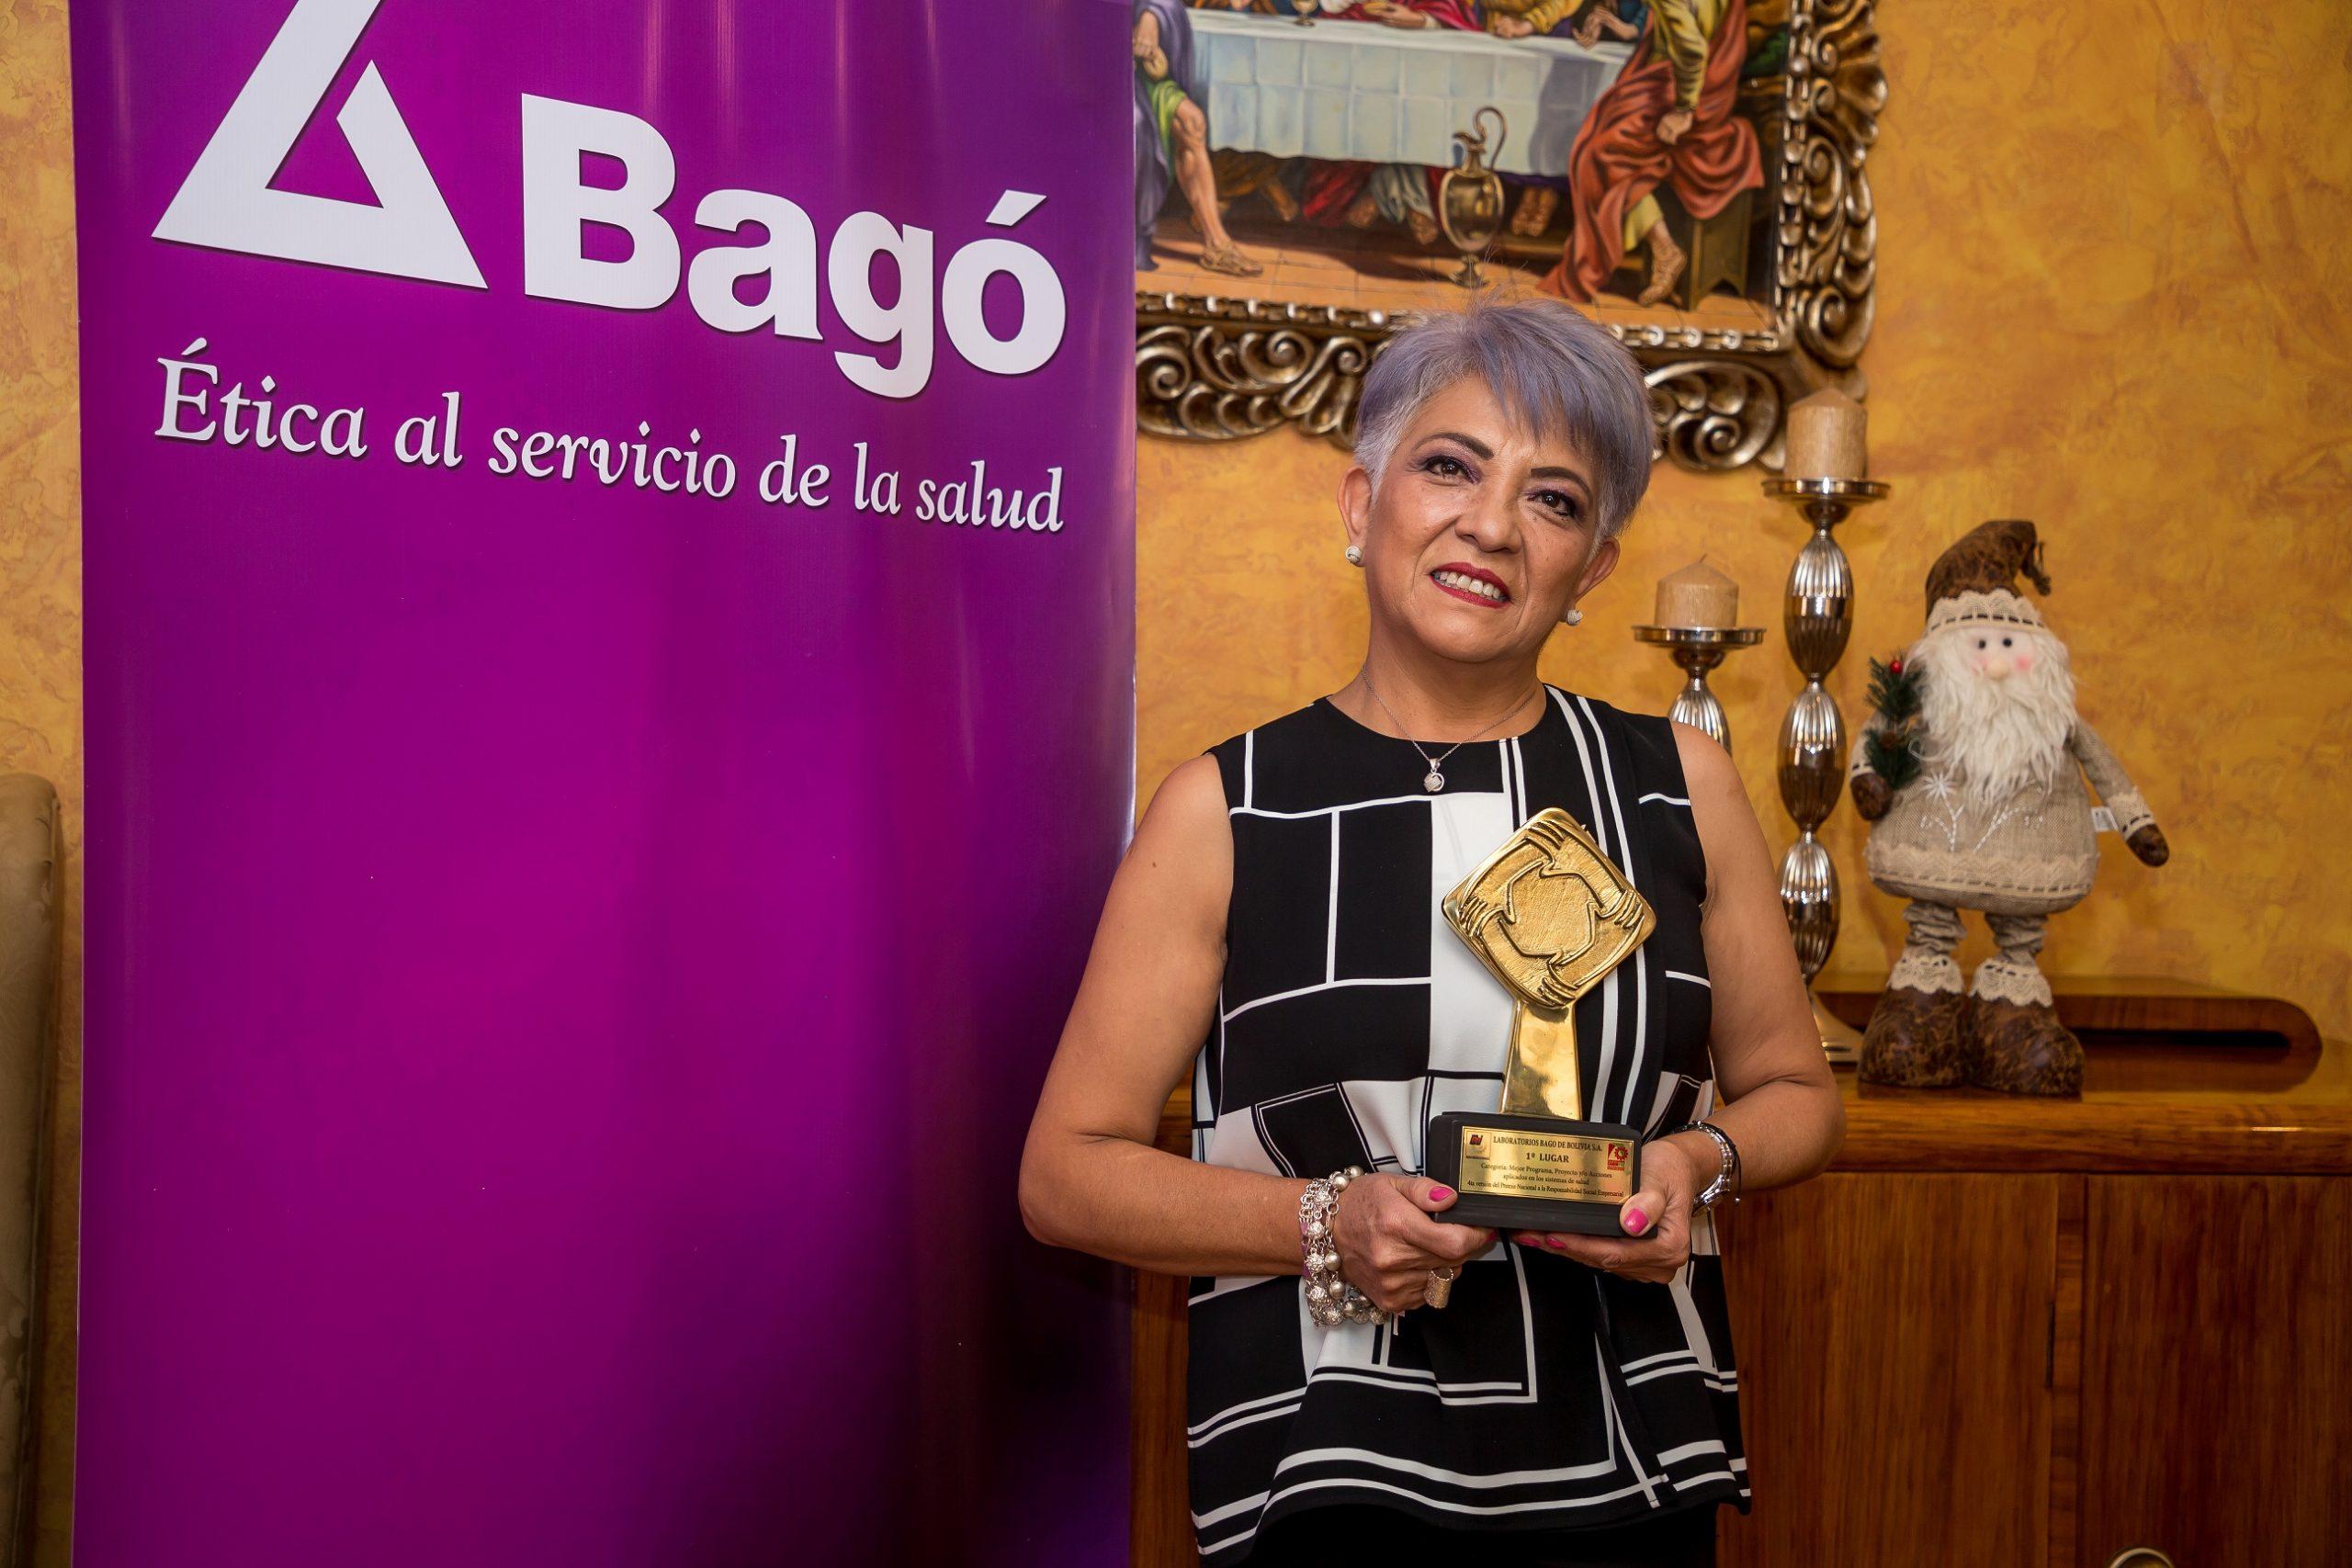 La CNI distingue a Laboratorios Bagó por su aporte en la lucha contra la pandemia